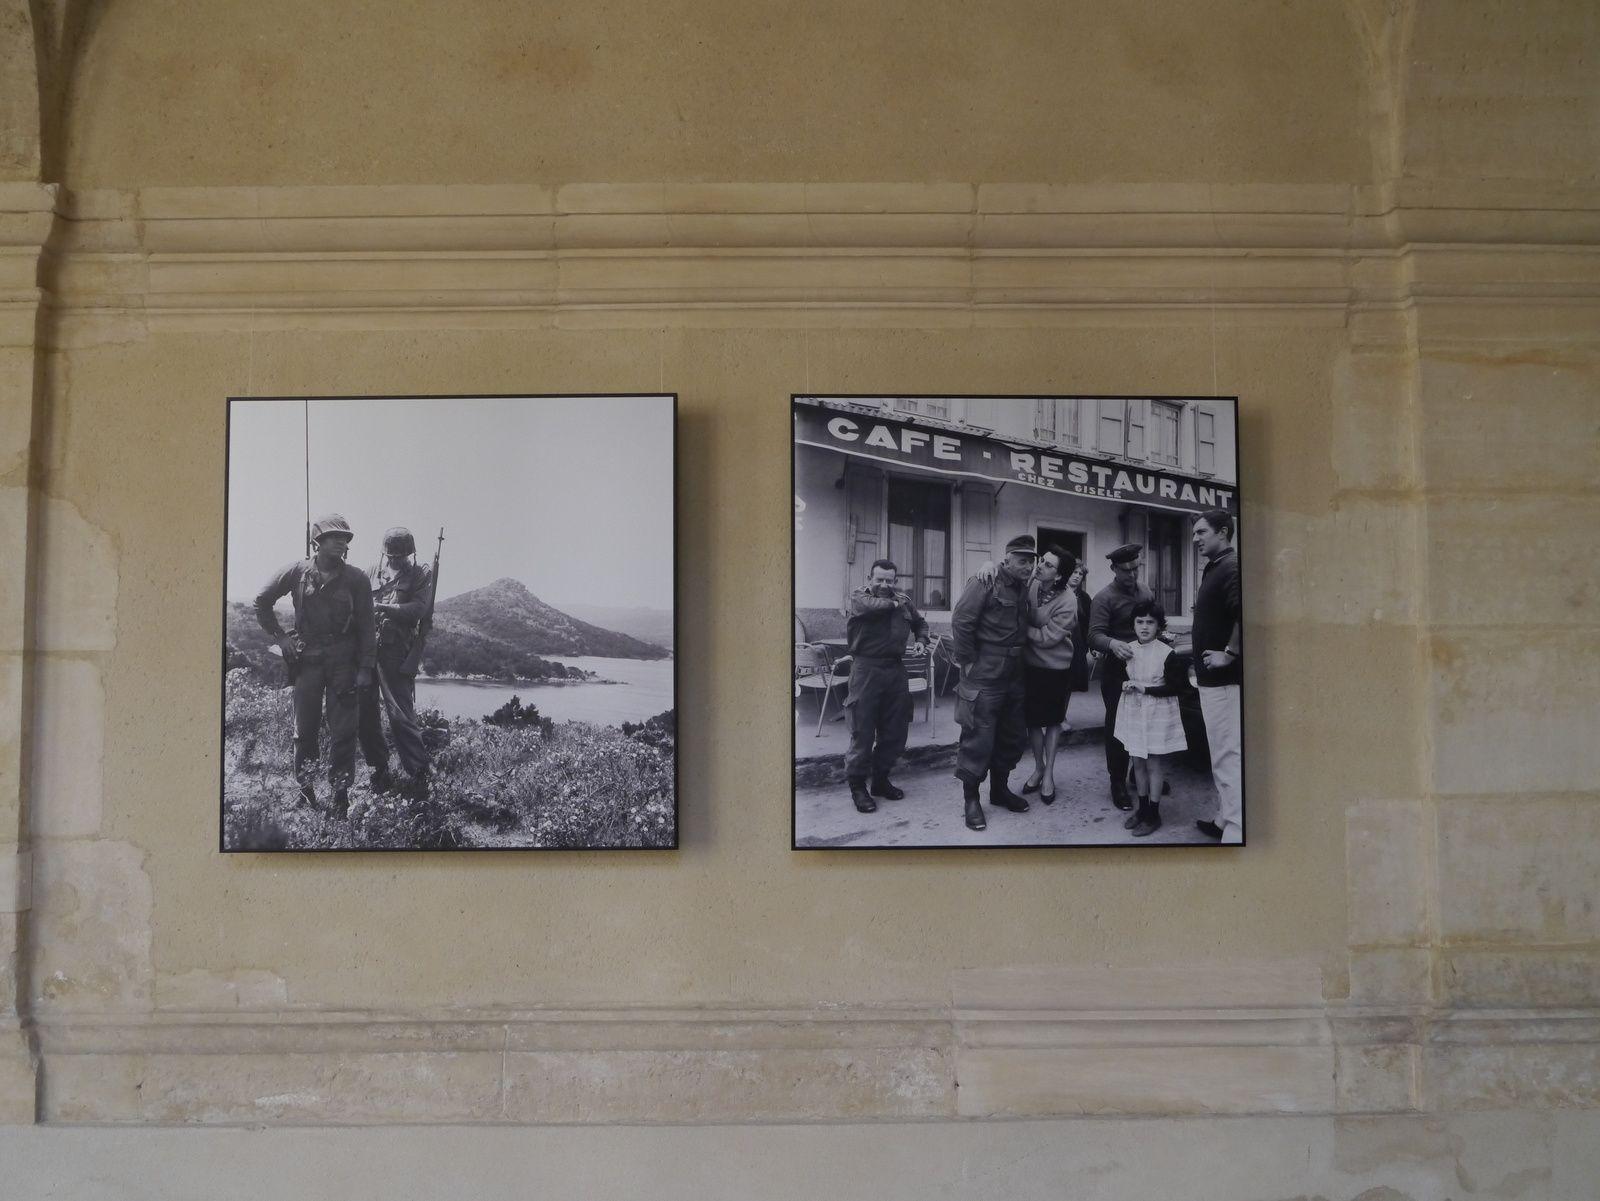 Raymond Depardon photographe de guerre 1962-1963 au Musée du Service de santé des Armées du Val-De-Grâce jusqu'au 30 janvier 2020